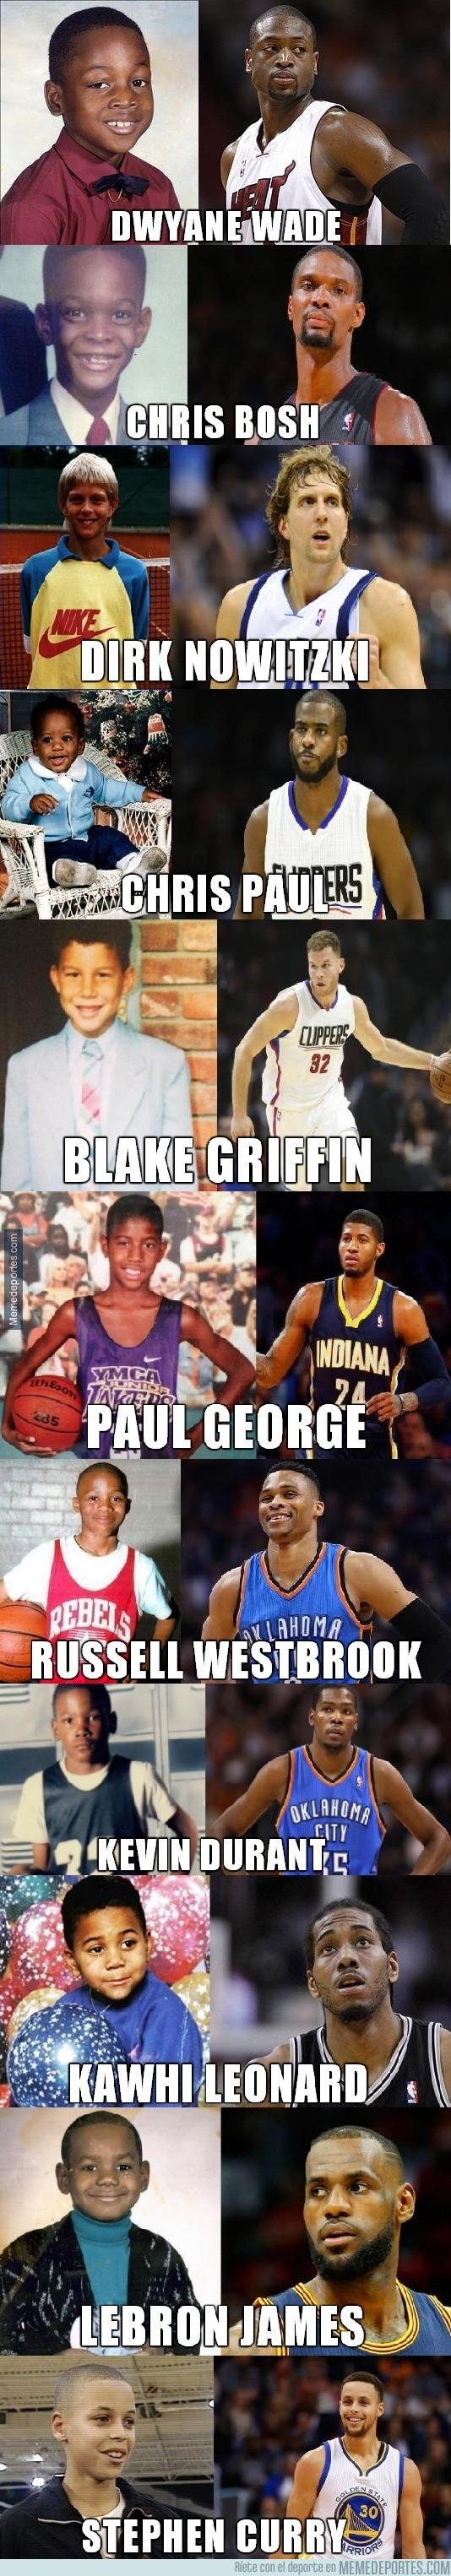 872043 - Algunas de las estrellas de la NBA... ¡Cuando eran niños!